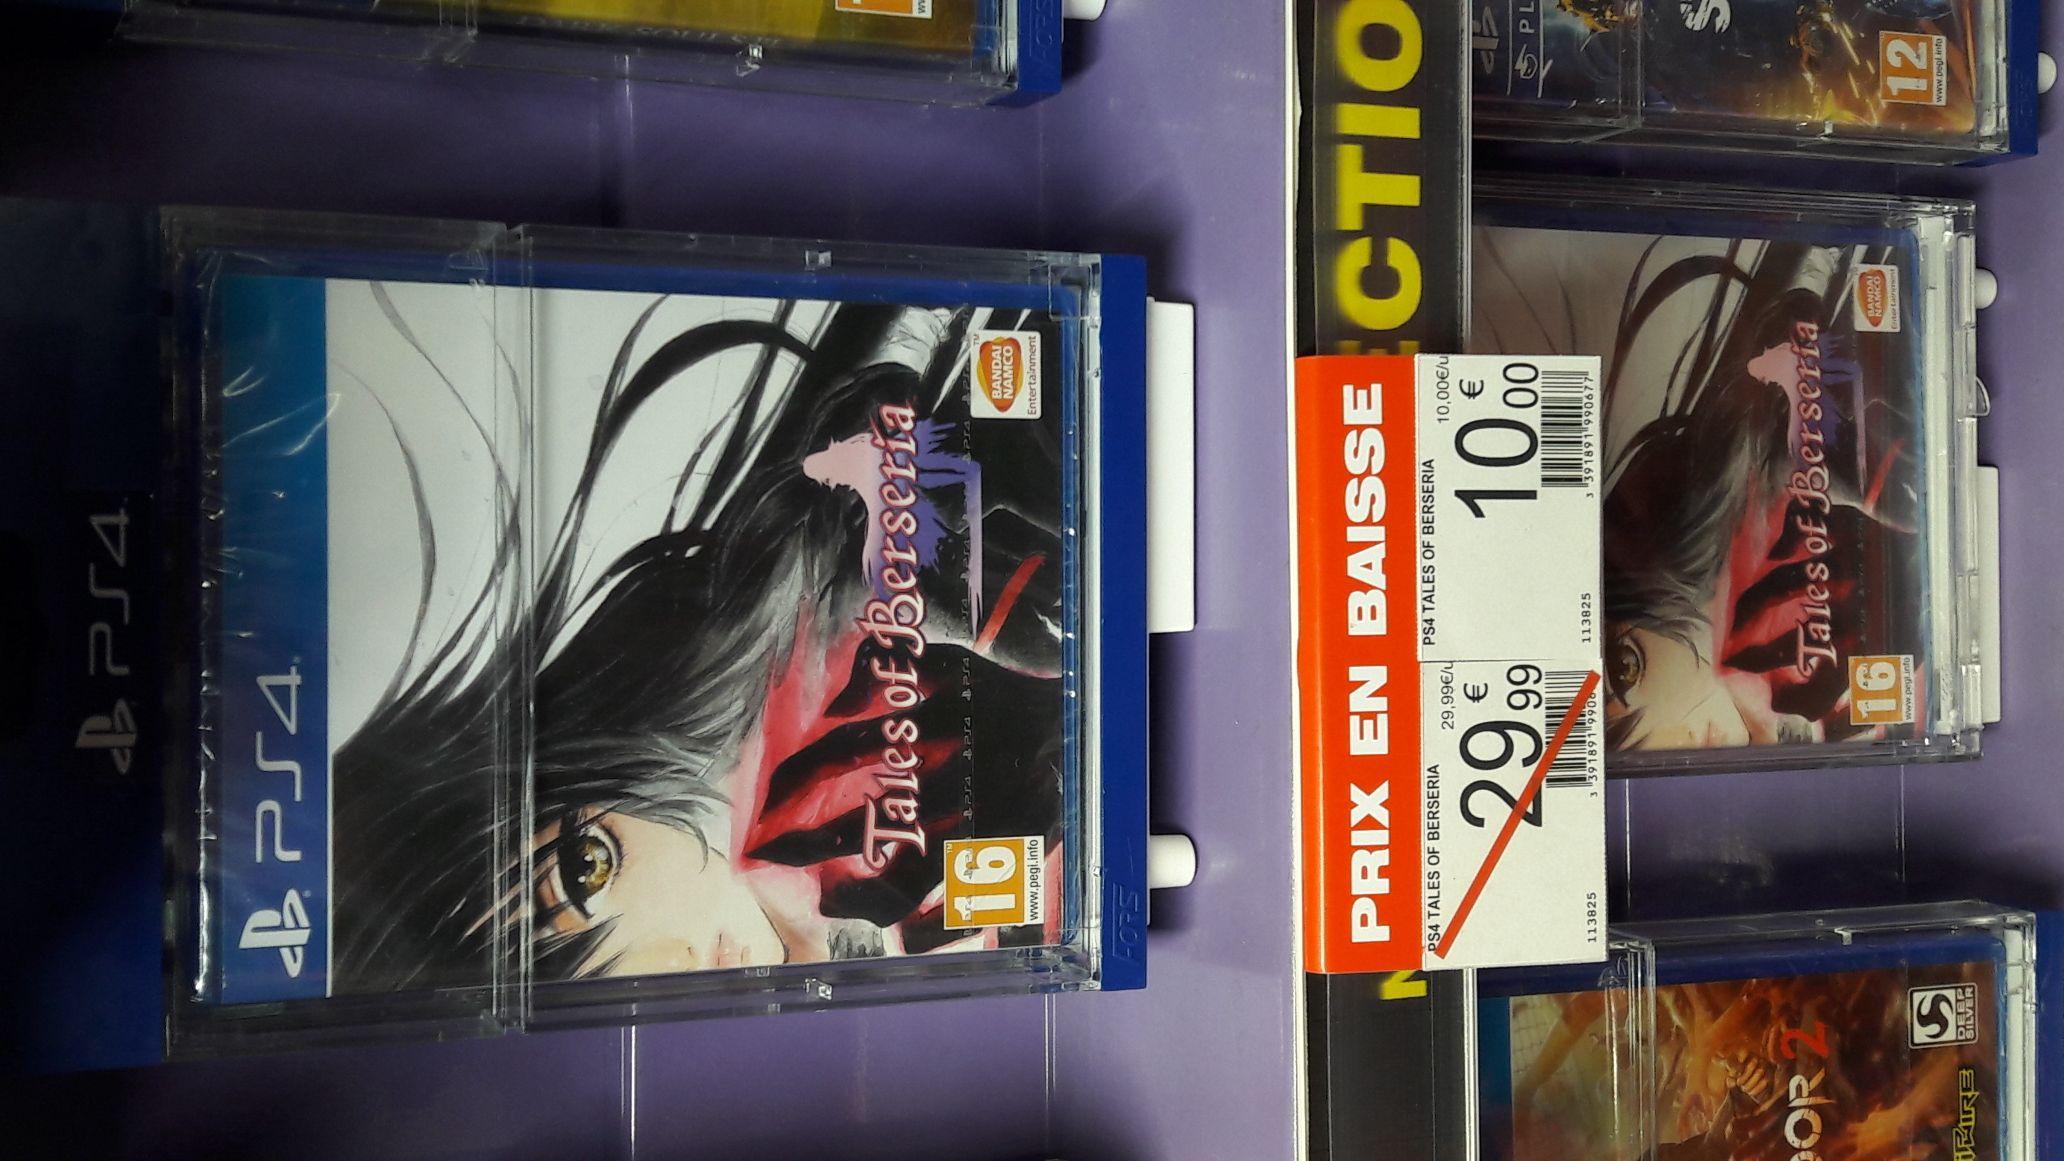 Tales of Berseria sur PS4 au Auchan La Défense Puteaux (92)